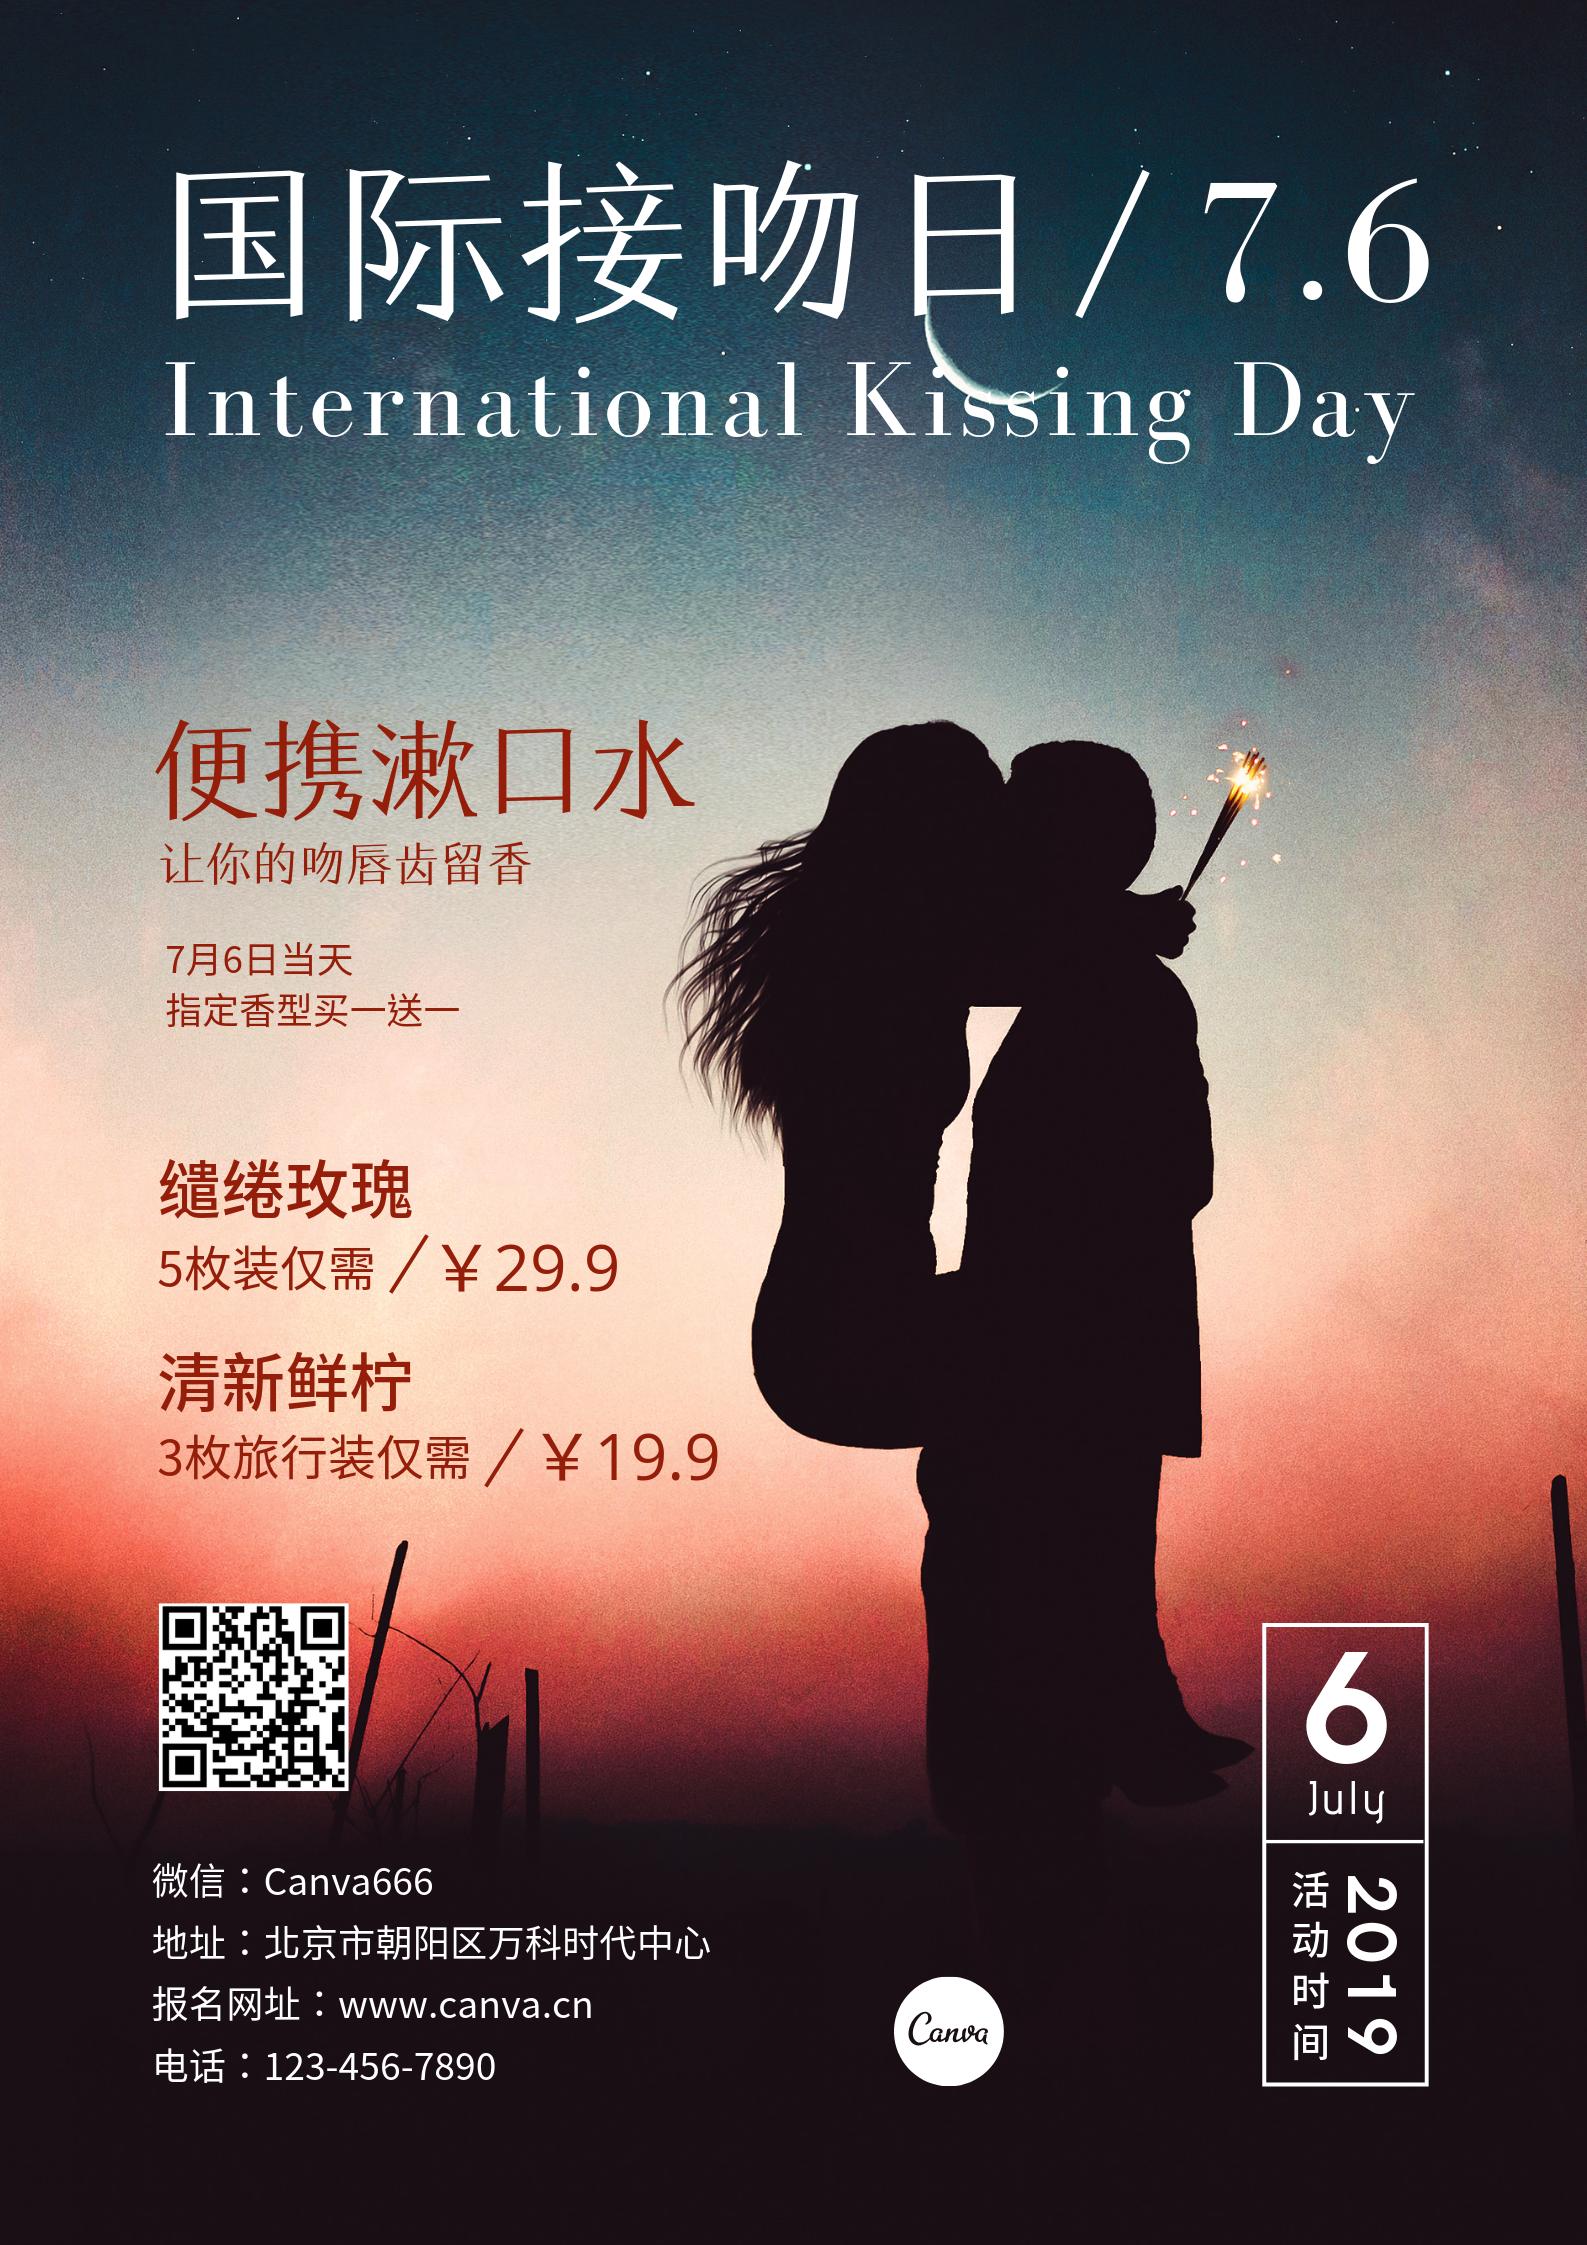 国际接吻日图片